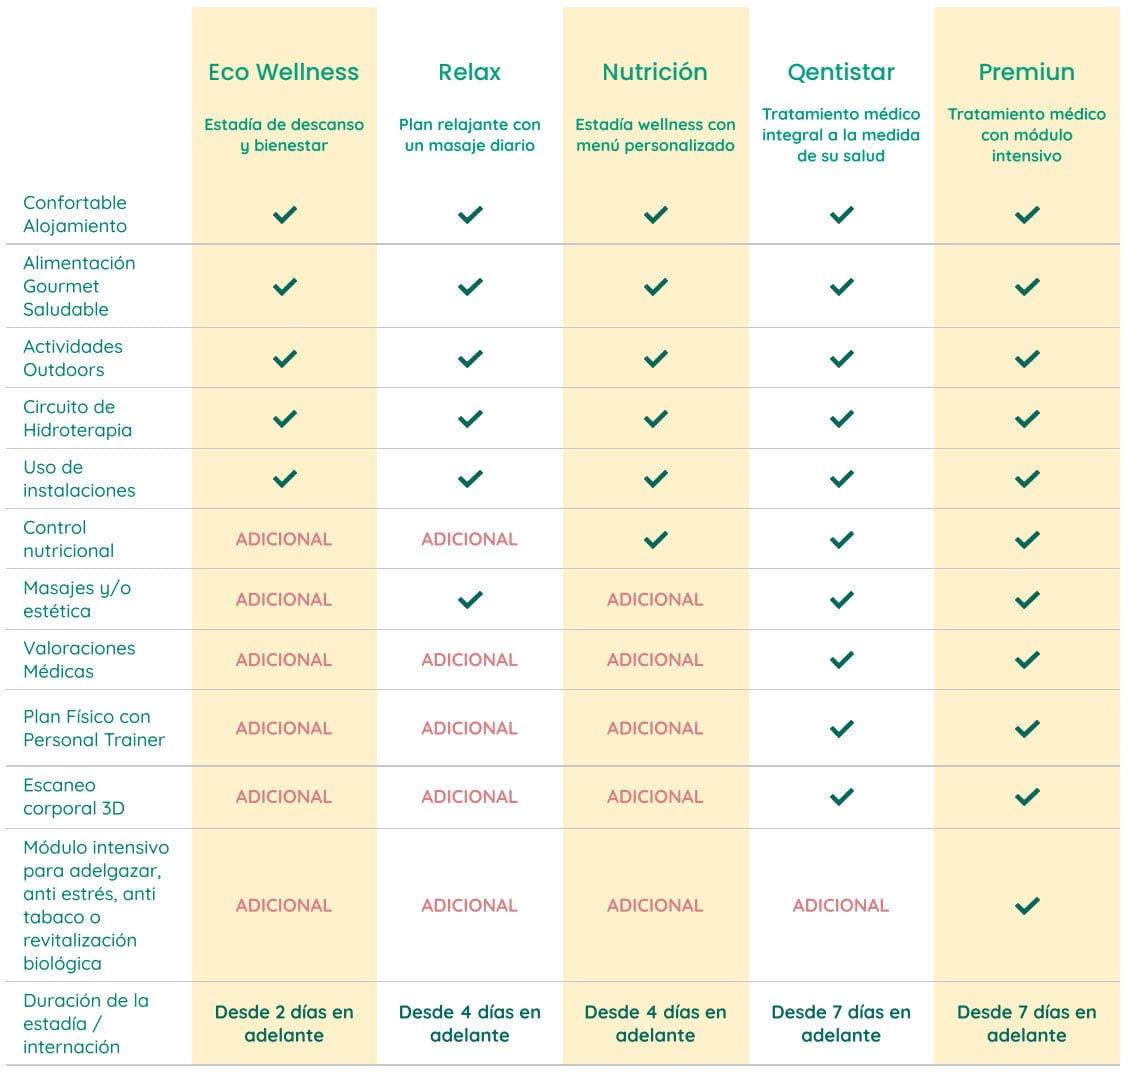 Comparativa de Planes de Salud